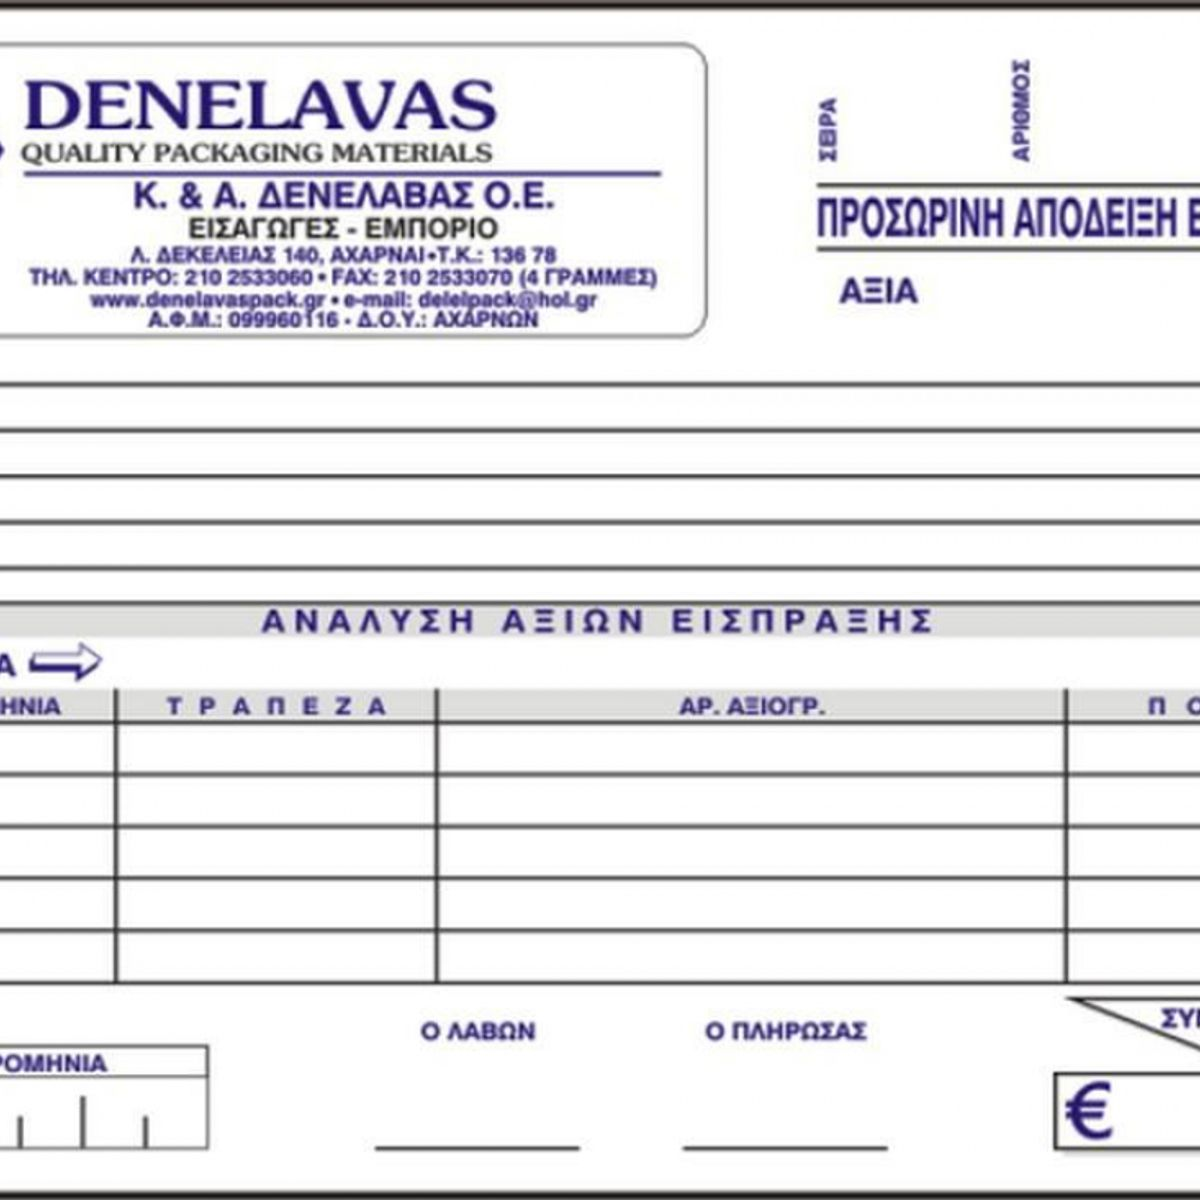 Έντυπα Μηχανογράφησης - ofa3705